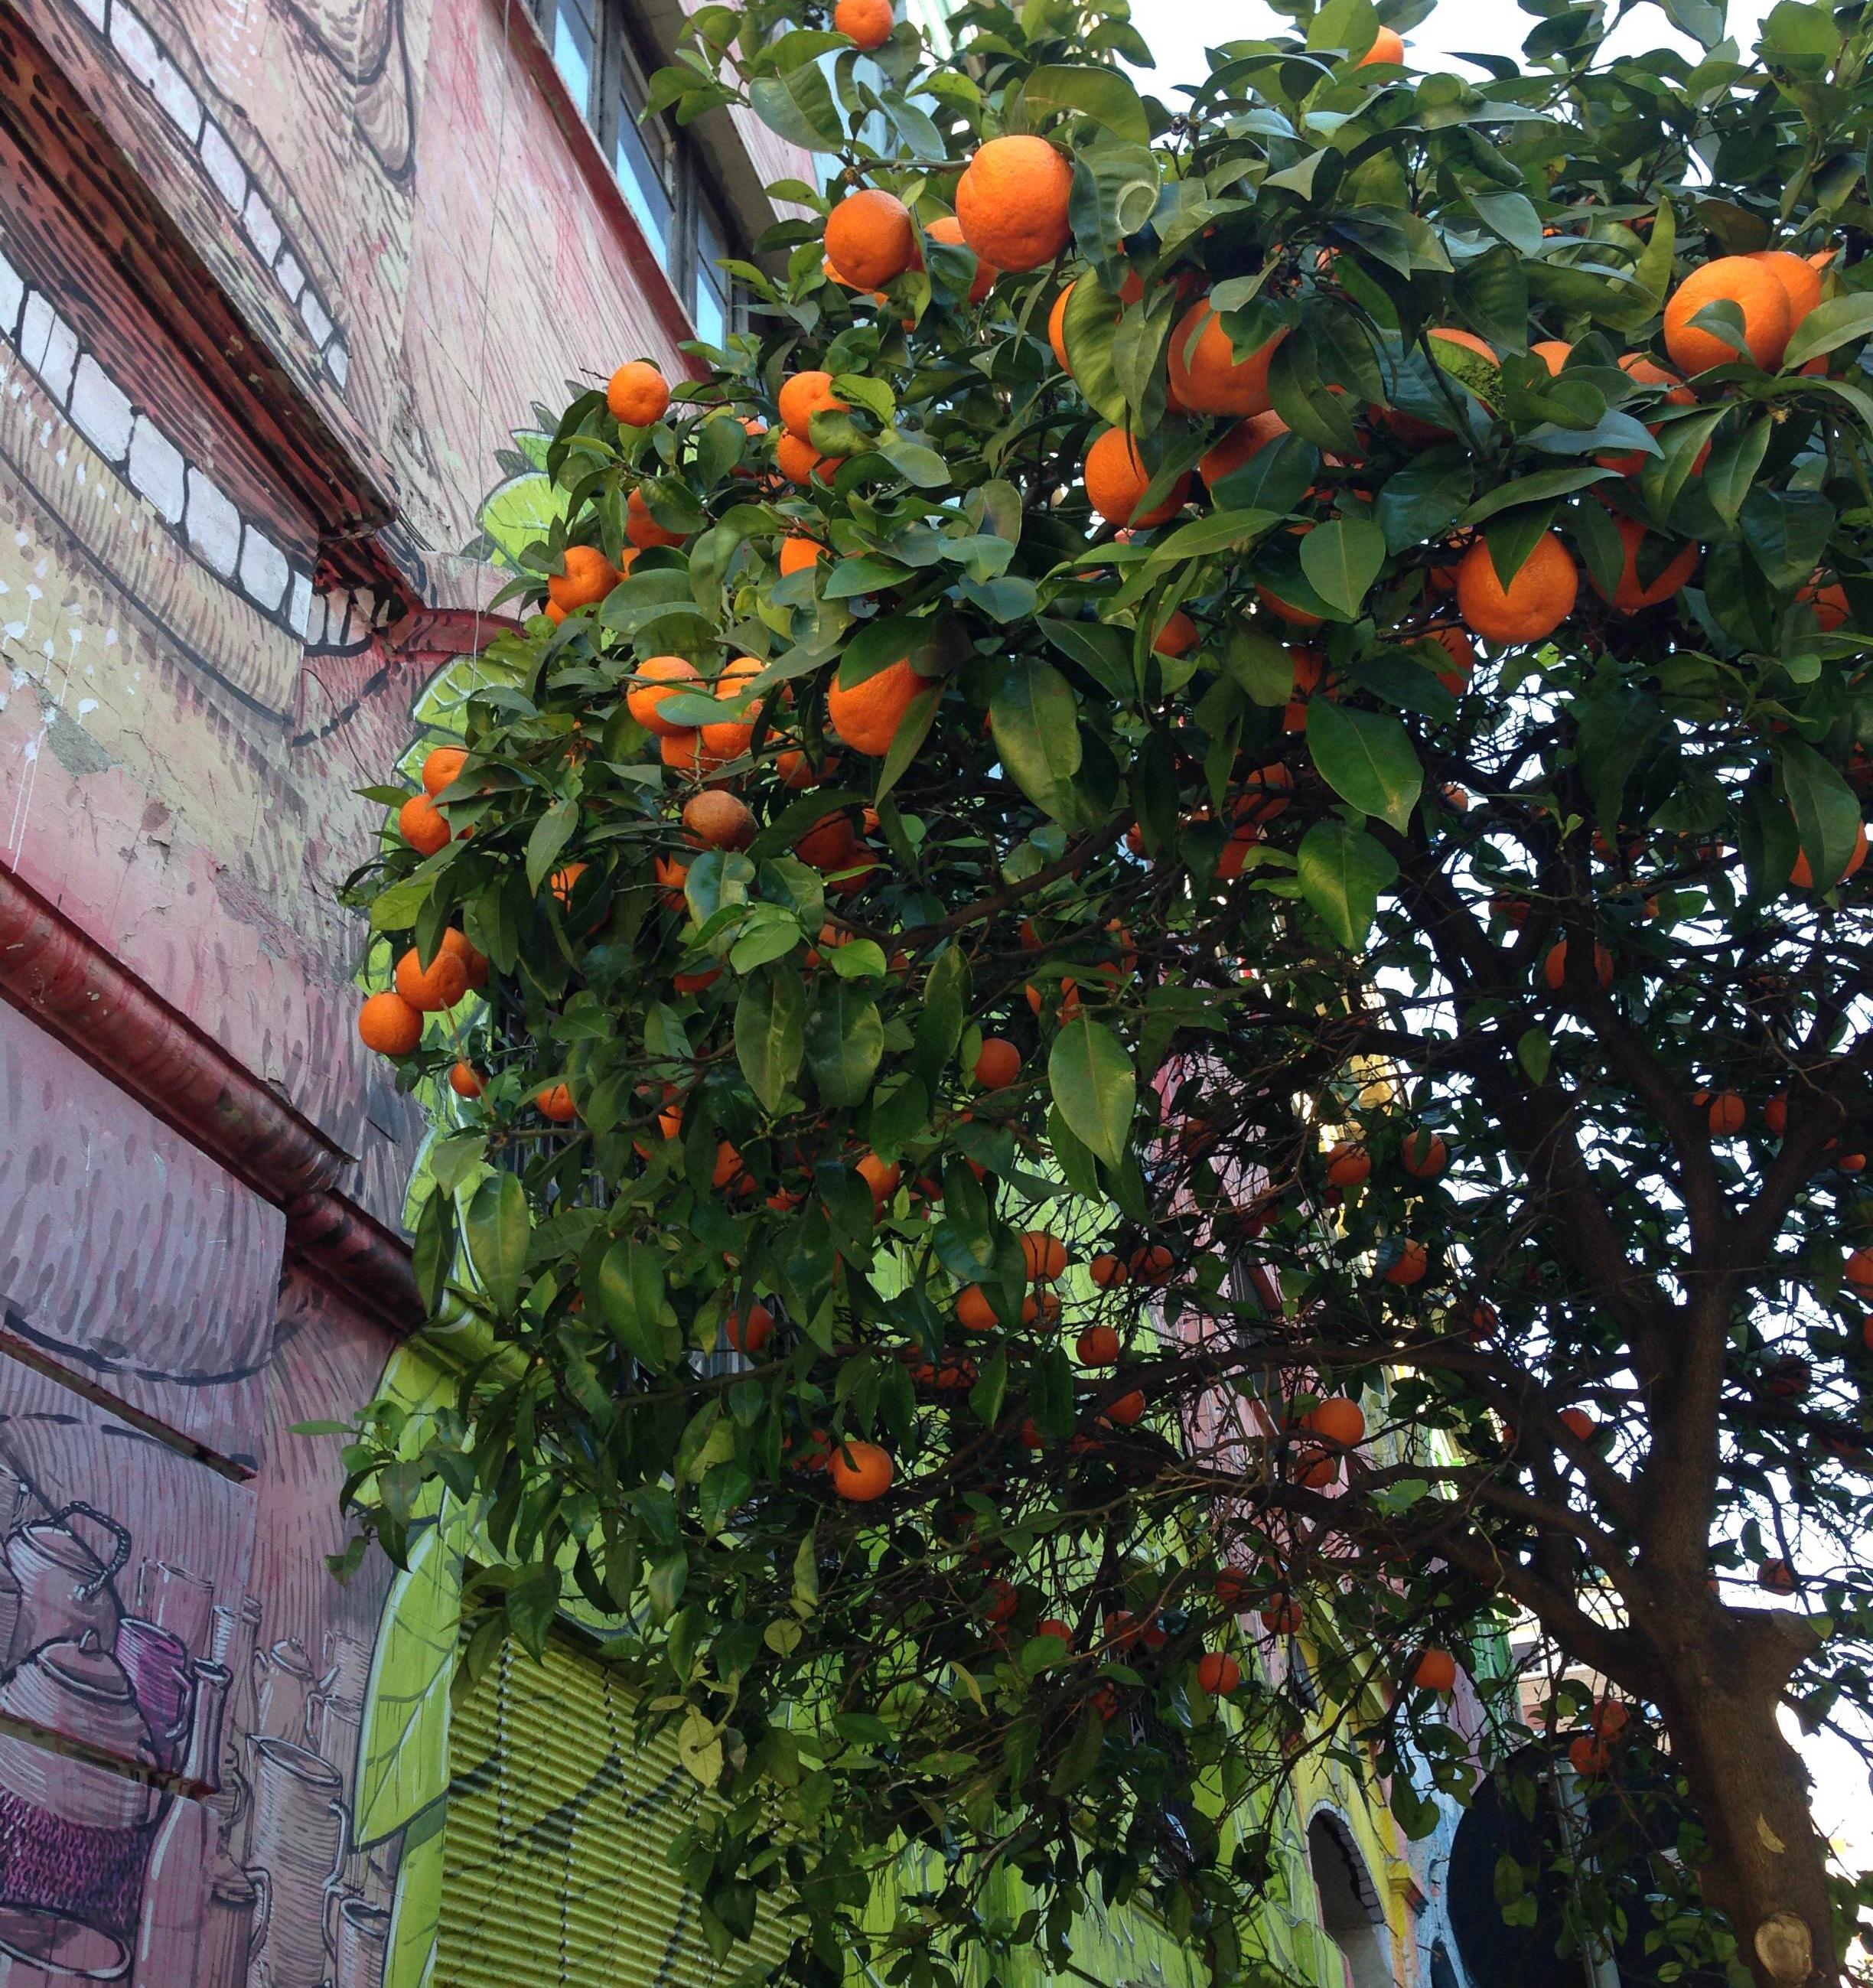 graffitt&oranges